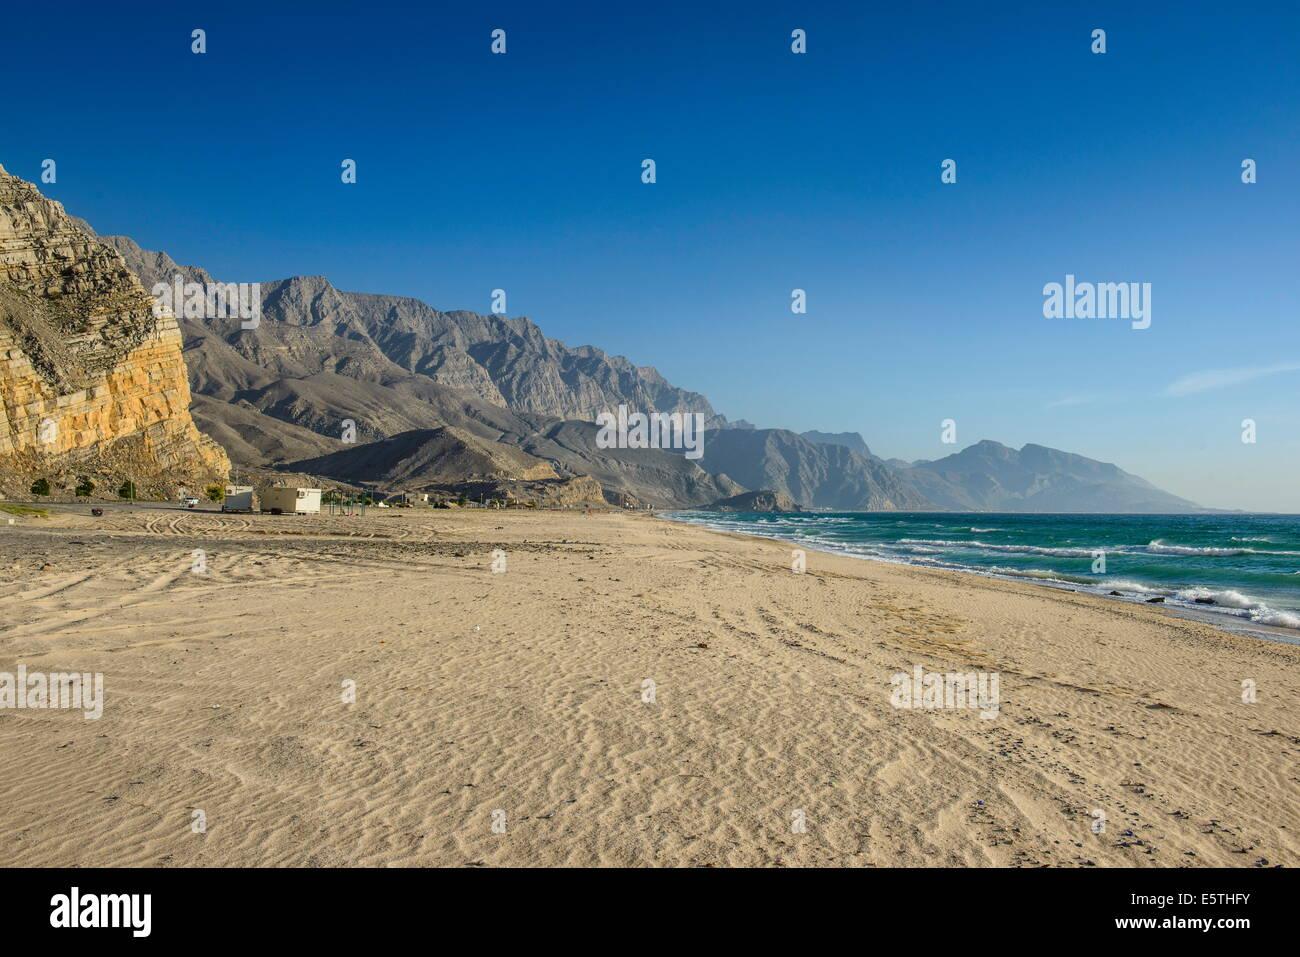 Bellissima spiaggia in Al Jirri, Musandam, Oman, Medio Oriente Immagini Stock